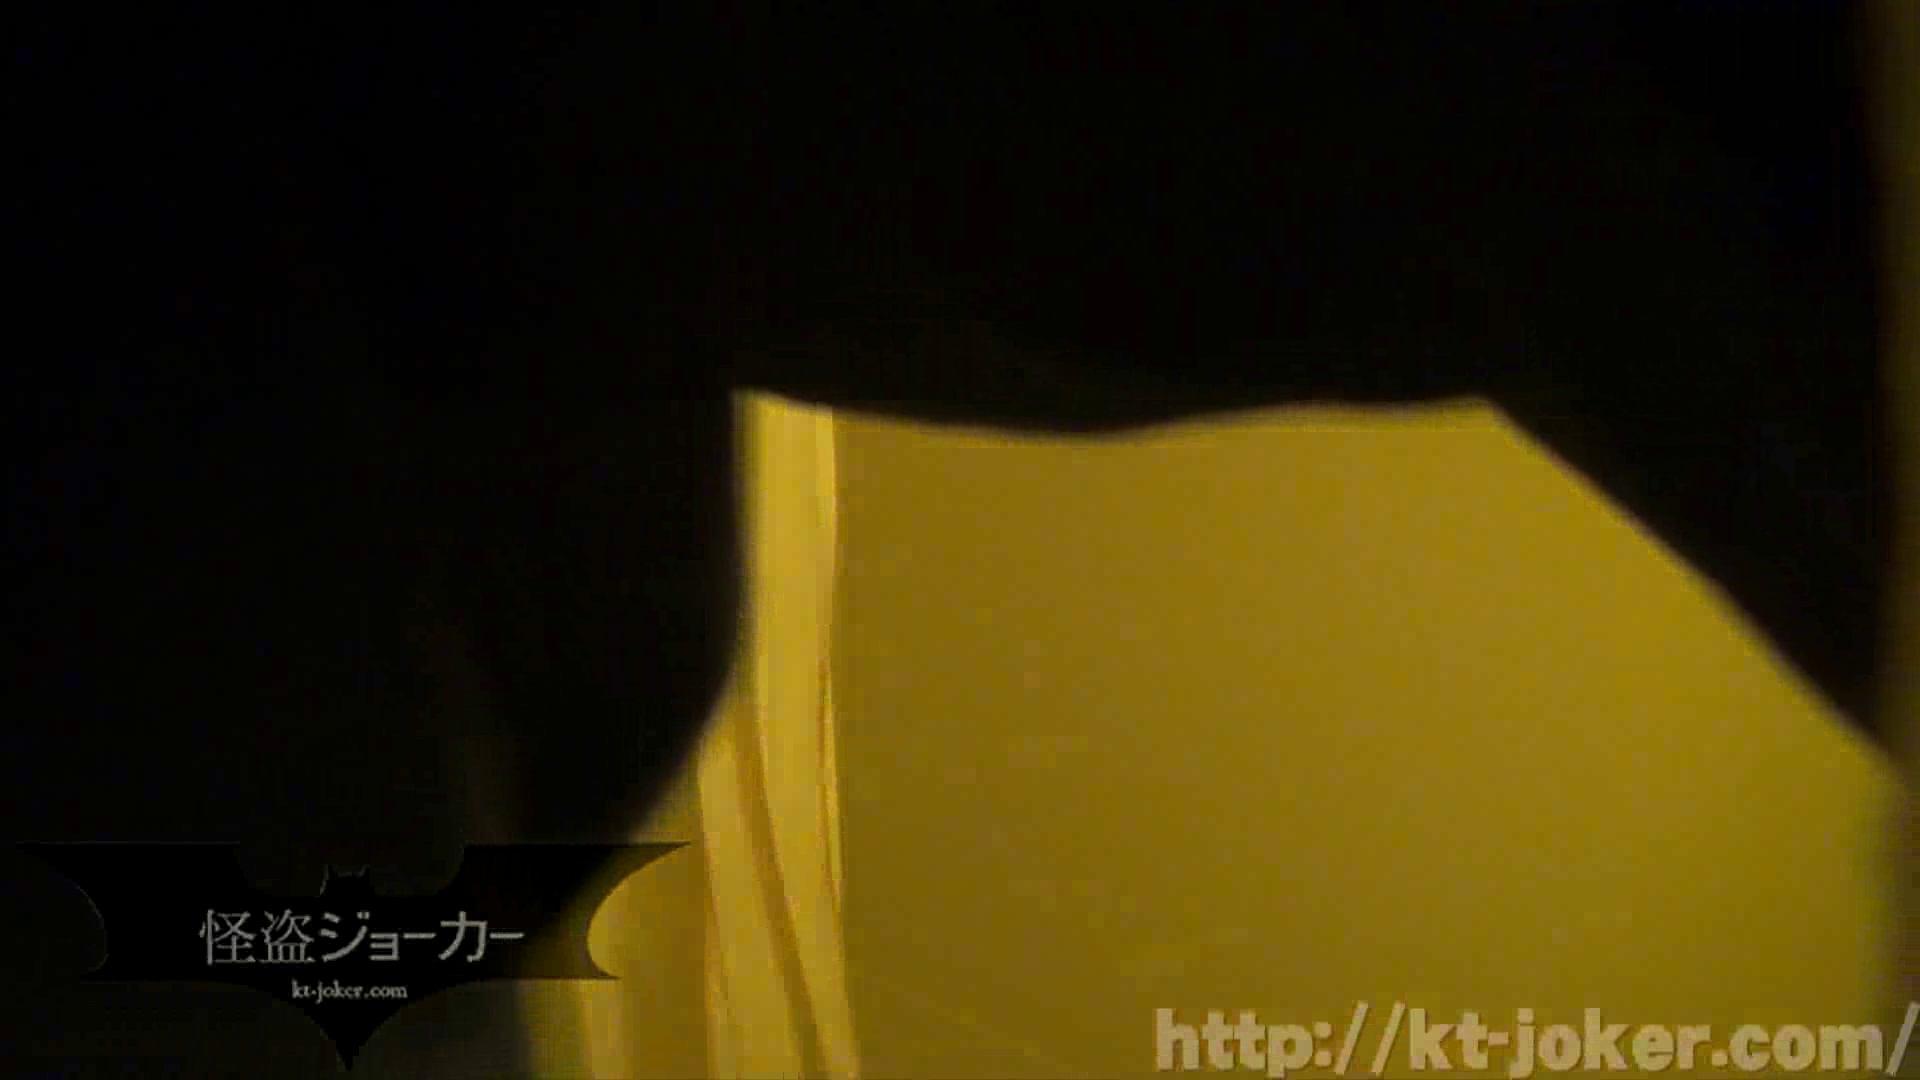 イ・タ・ズ・ラ劇場 Vol.01 ギガ乳ガール | 巨乳編 のぞき 108PIX 21